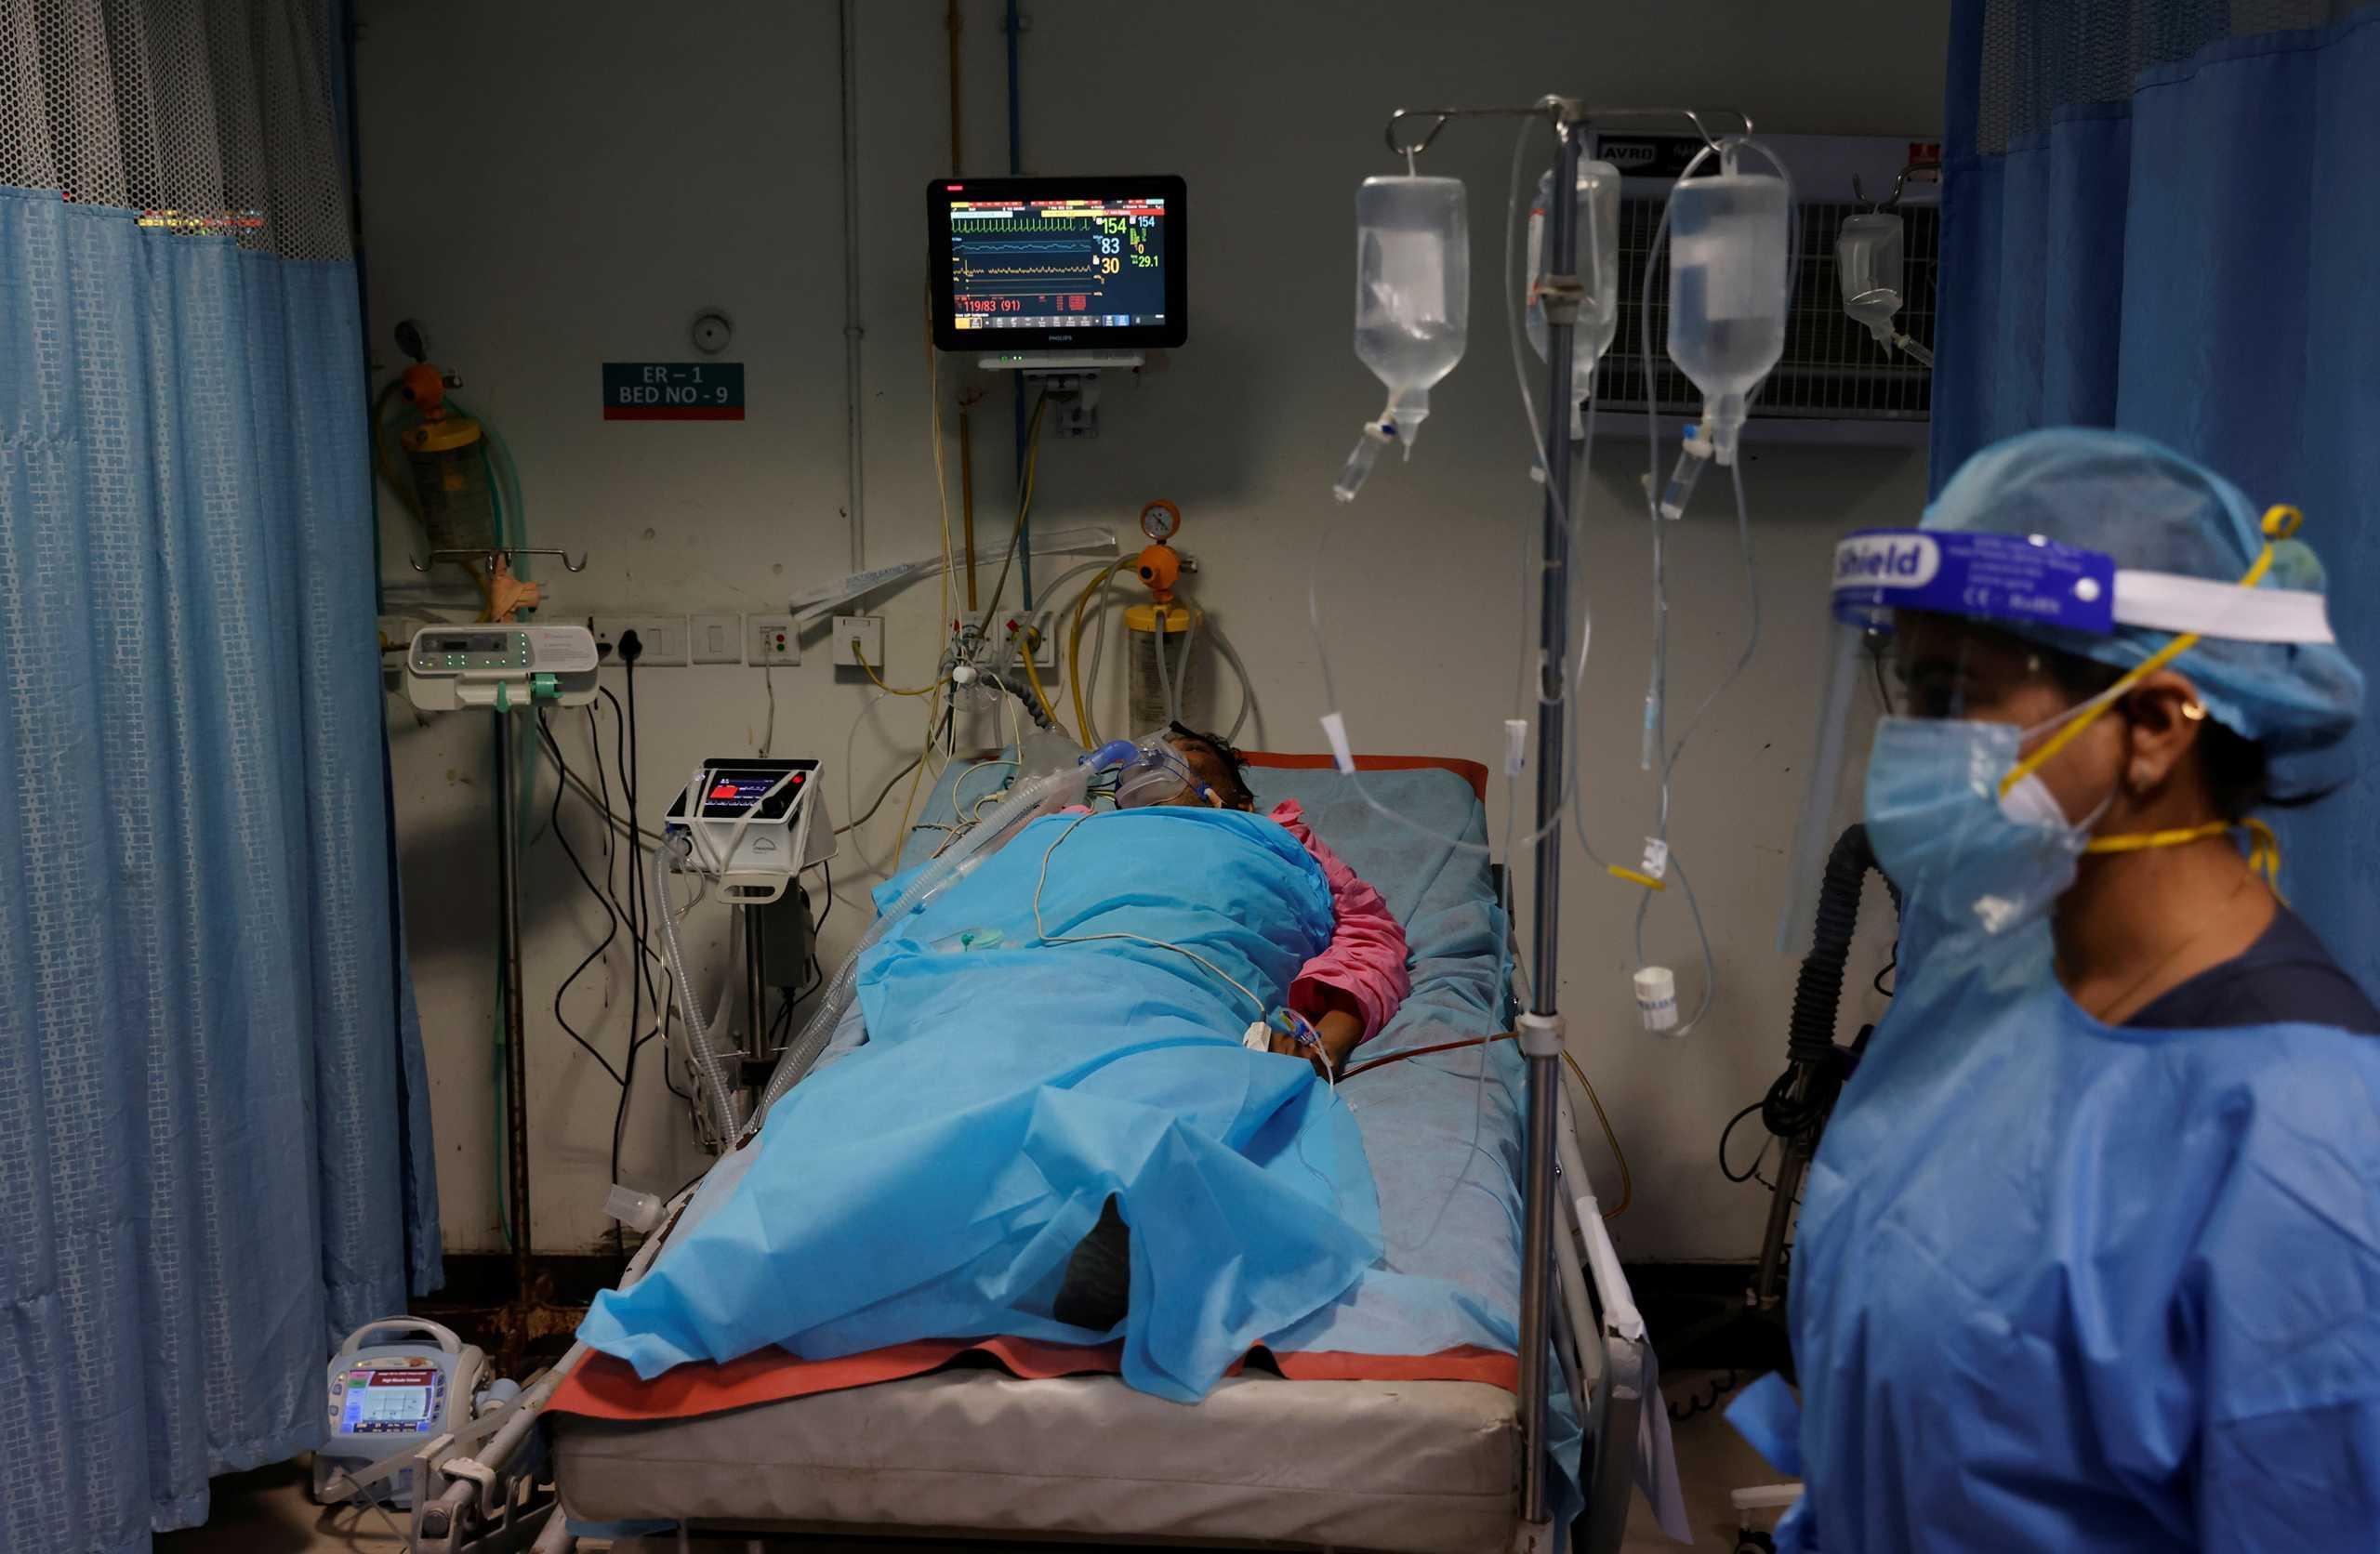 Κορονοϊός – Έρευνα: Ασθενείς με νευρολογικά συμπτώματα έχουν εξαπλάσια πιθανότητα να πεθάνουν